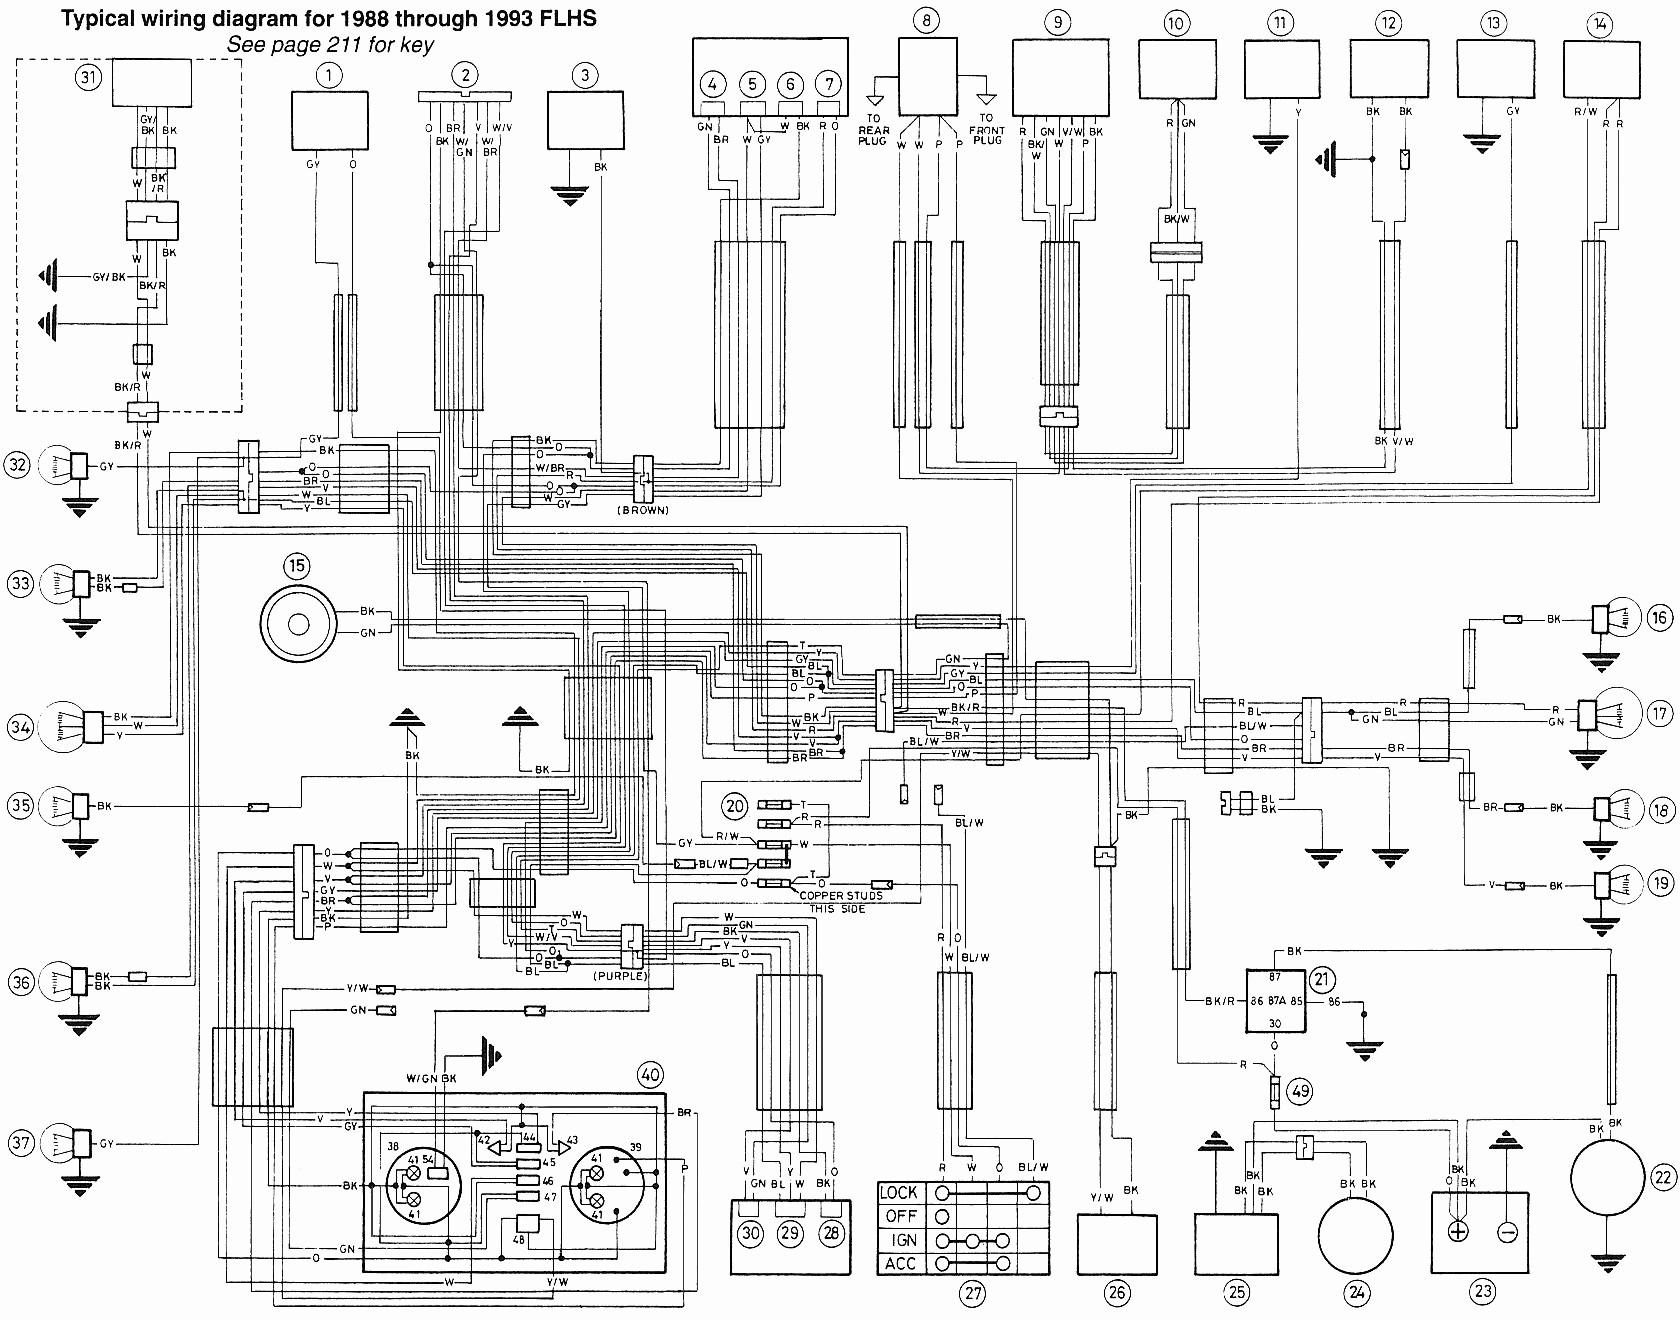 Harley Davidson Radio Wiring Diagram Davidson Harley Davidson Wiring Diagram Download Davidson – Wiring Of Harley Davidson Radio Wiring Diagram